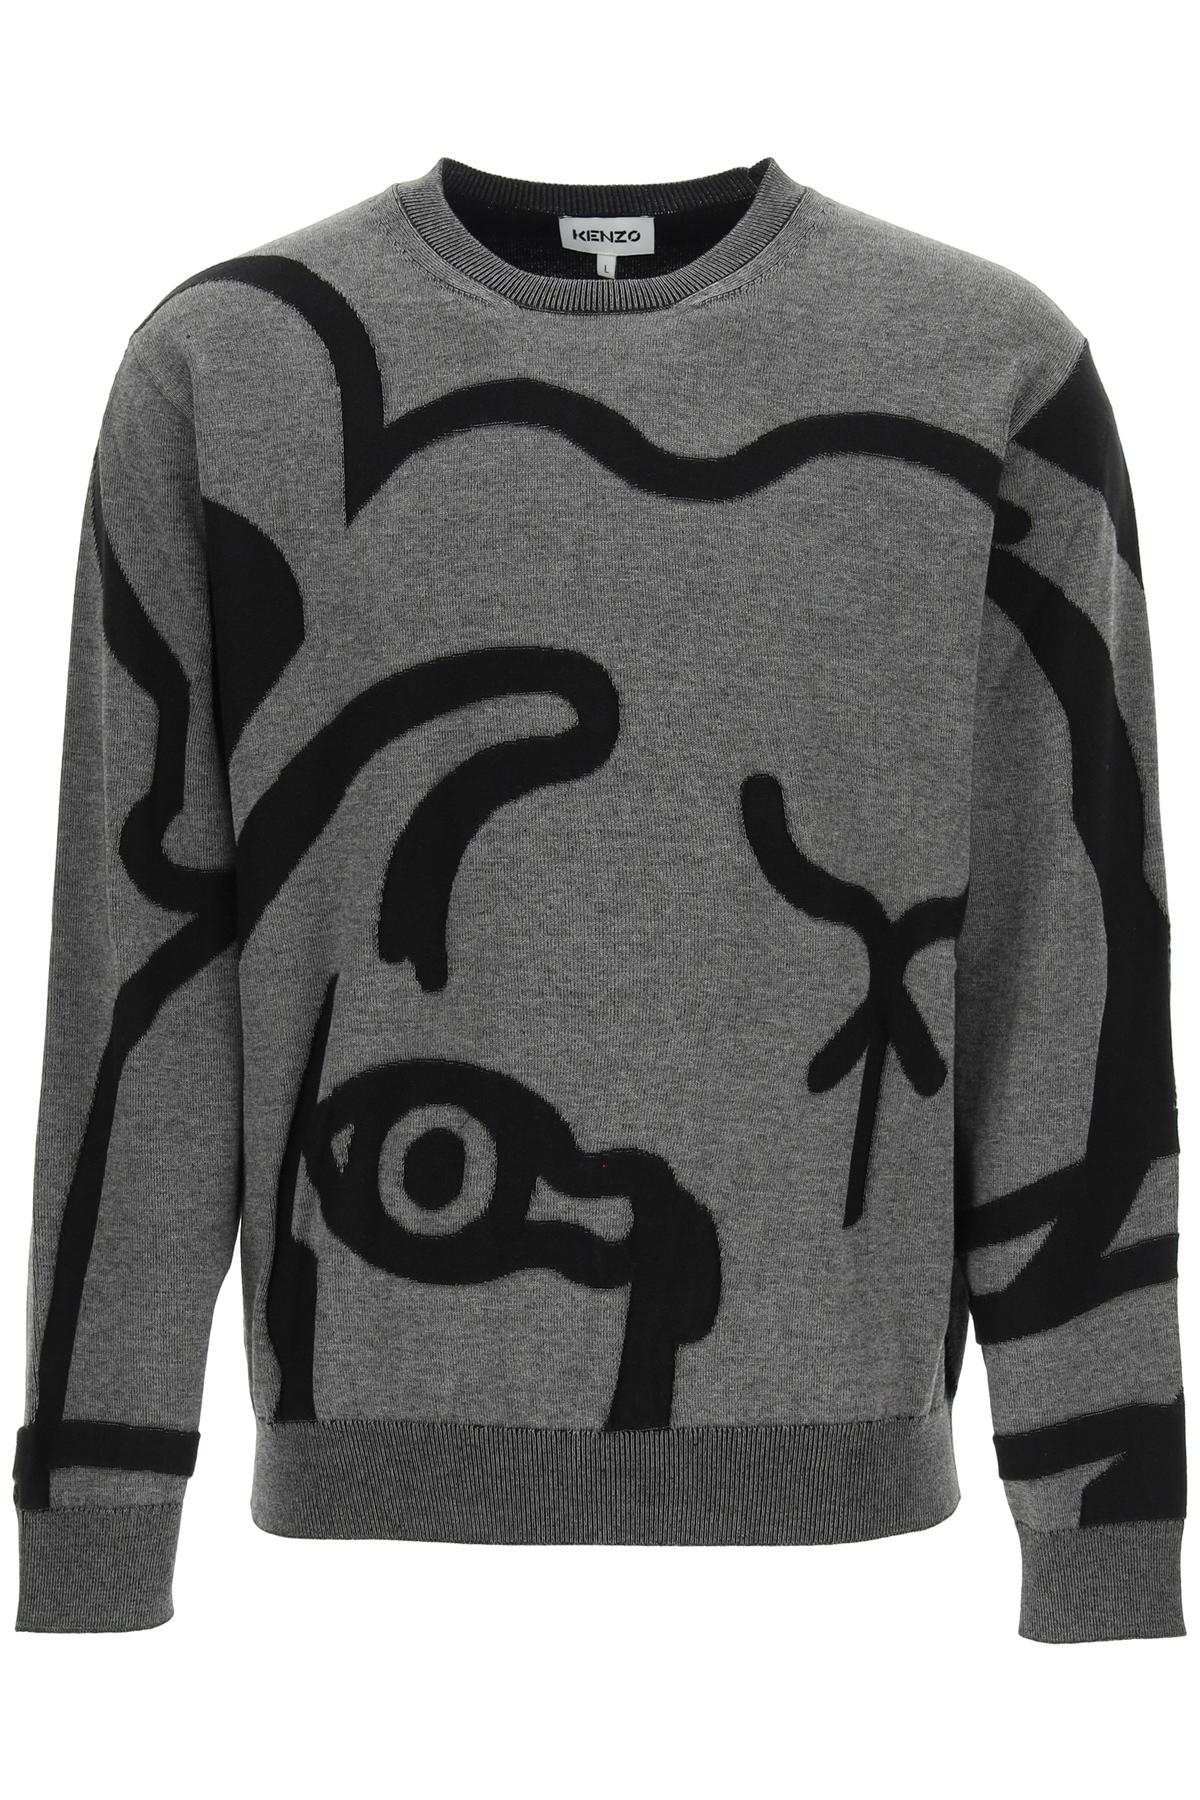 Kenzo maglione k-tiger